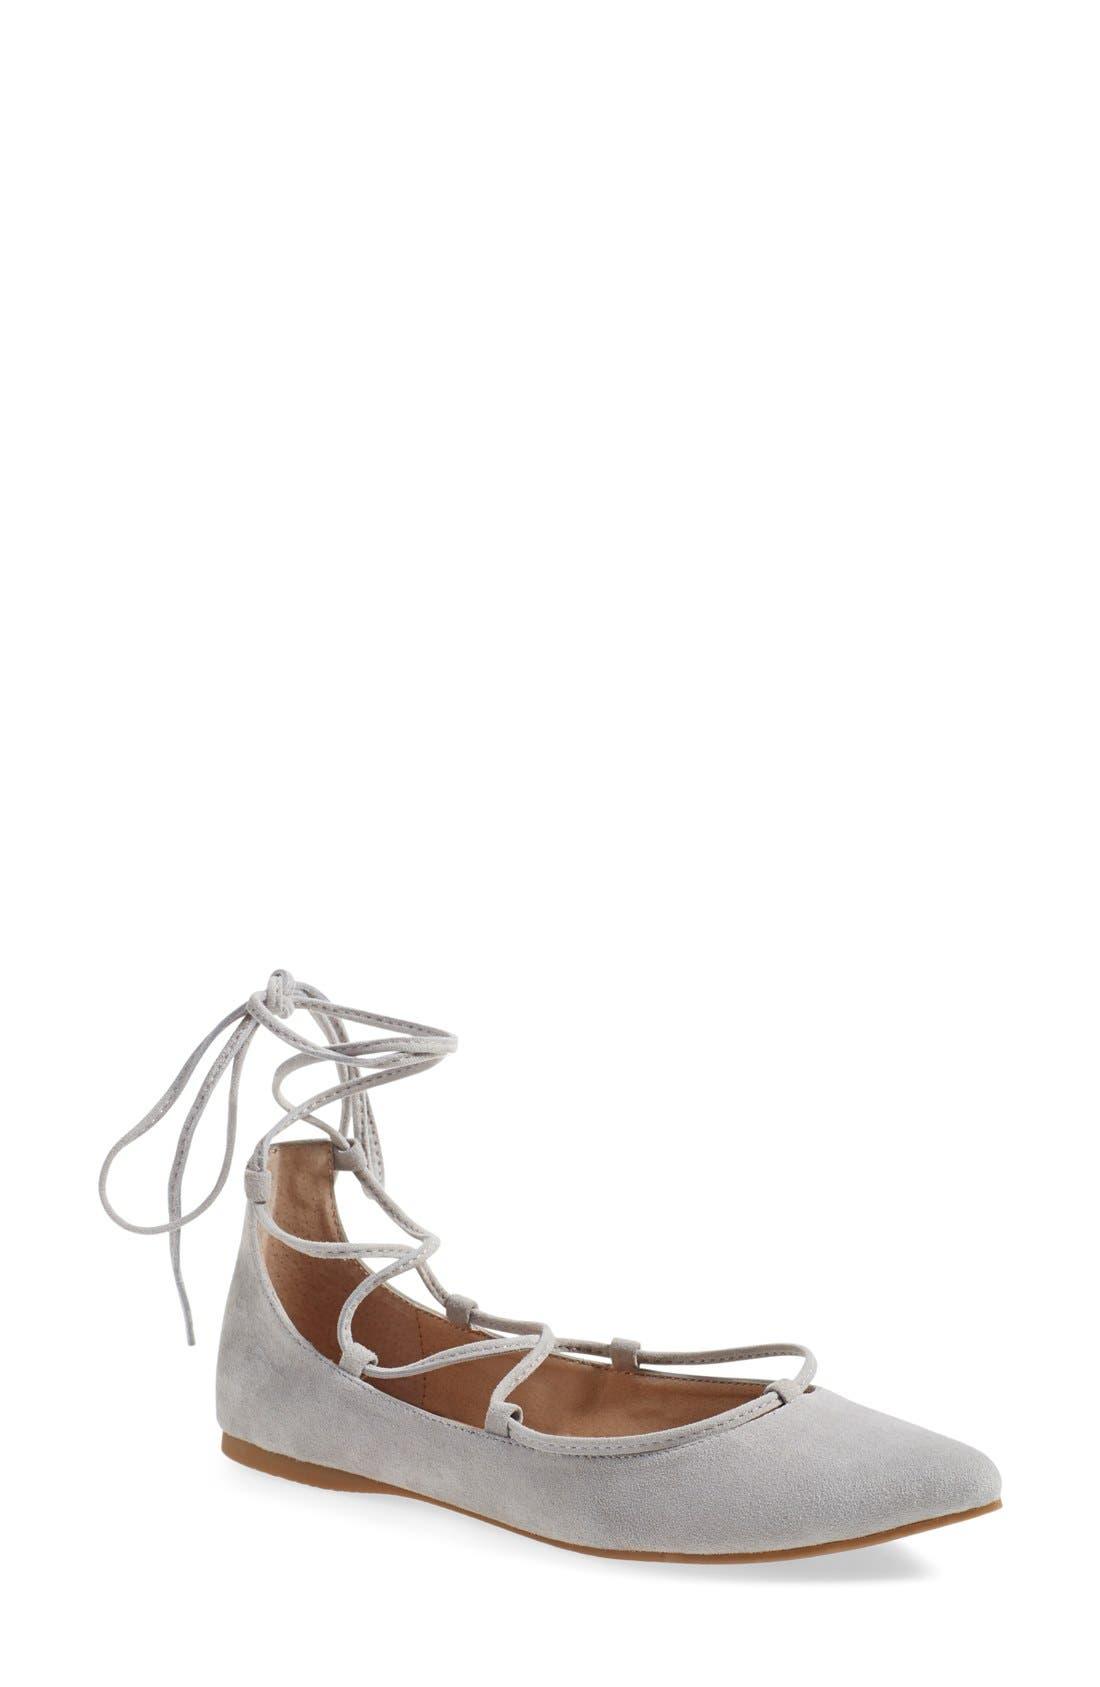 Main Image - Steve Madden 'Eleanorr' Ballet Flat (Women)